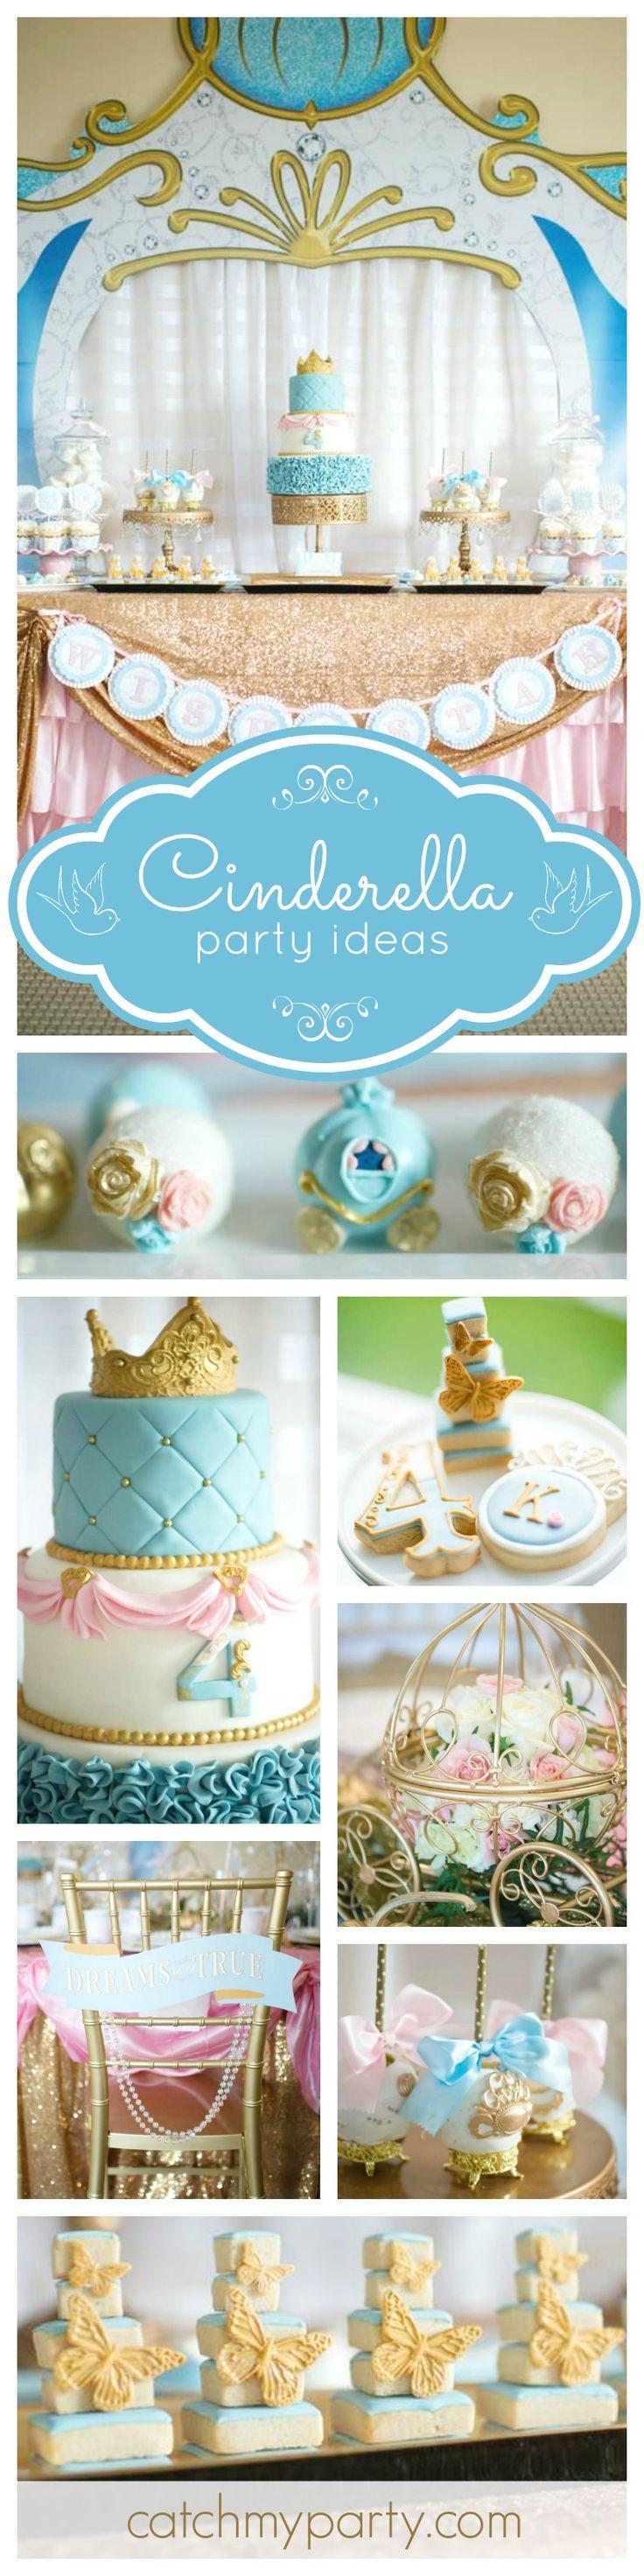 17 Best Cinderella Party Images On Pinterest Cinderella Birthday